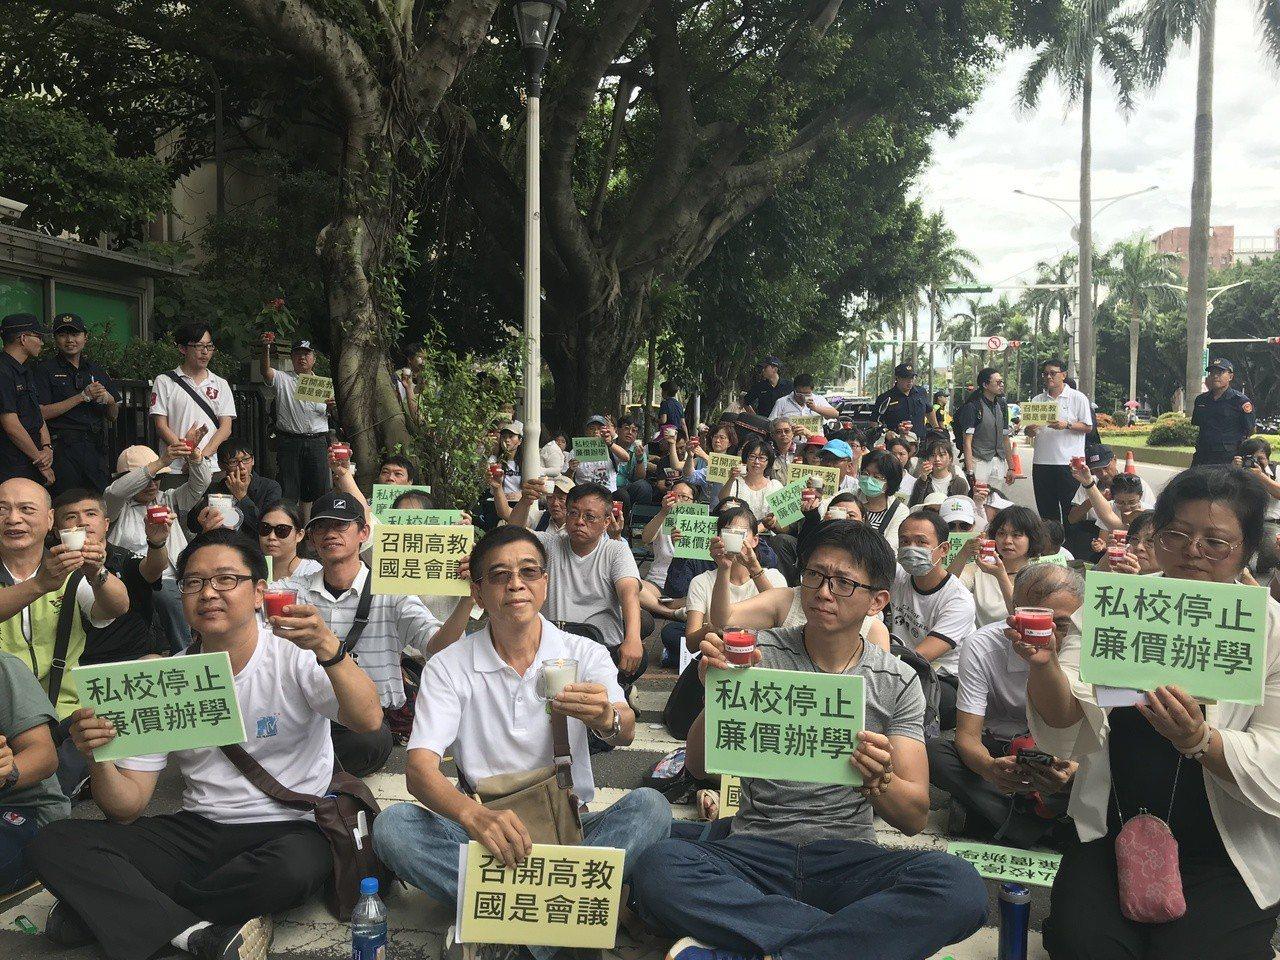 全國私校工會在教育部門口舉行「為私校點燈」活動,呼籲教育部設法終止私校廉價辦學現...